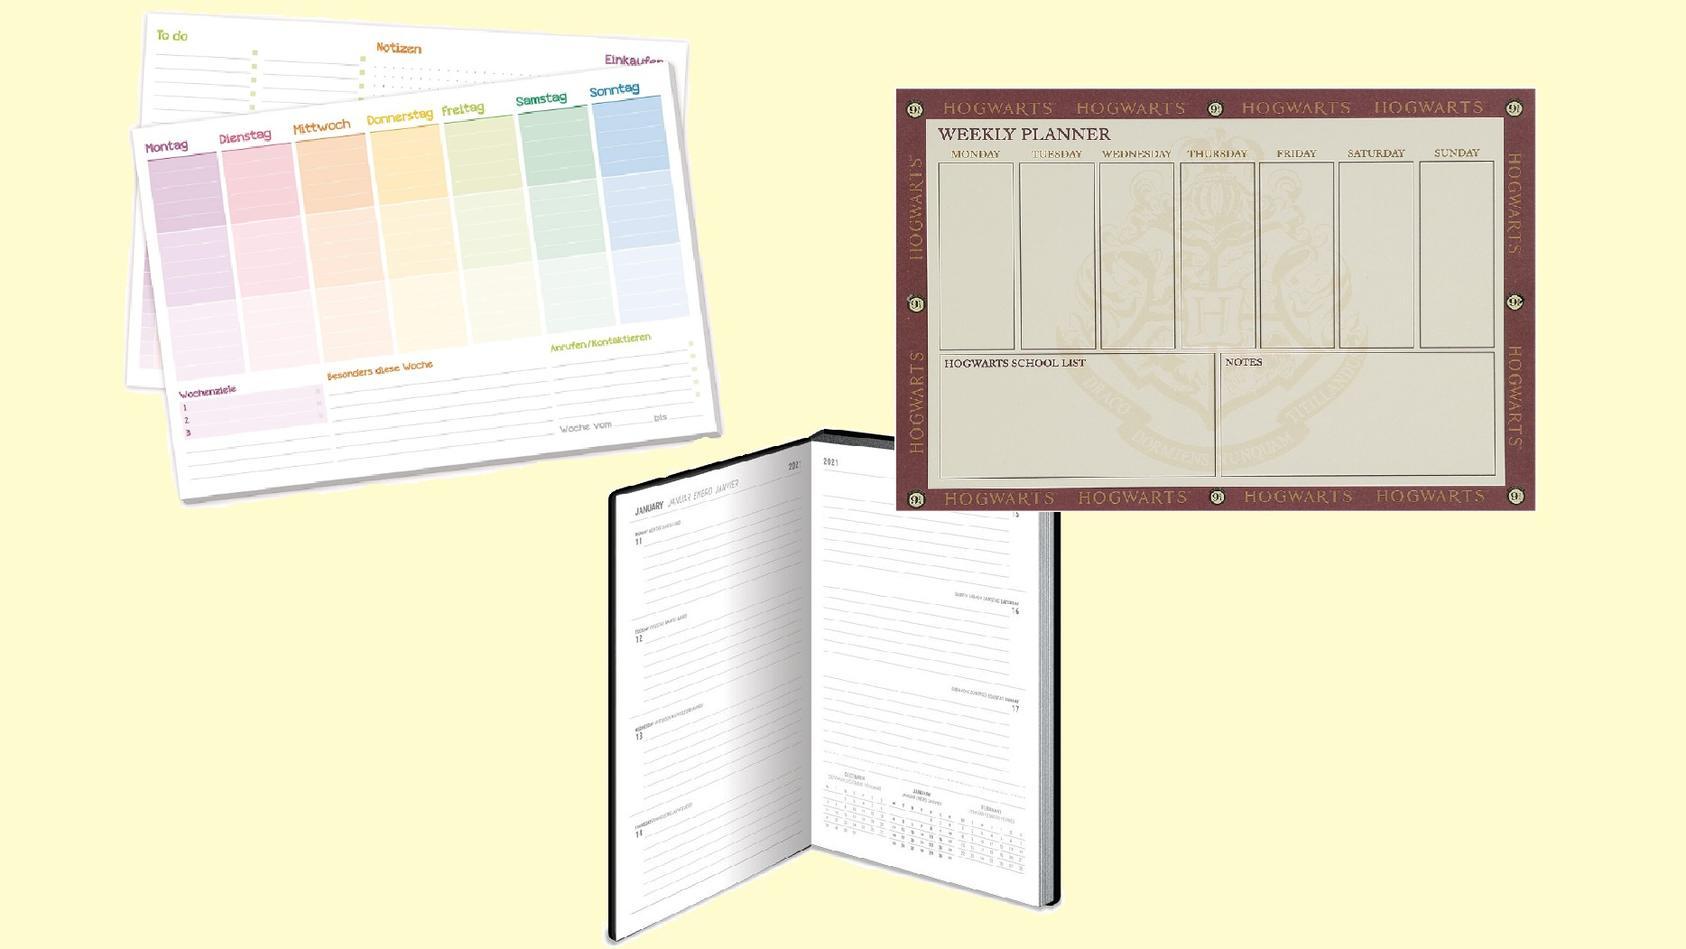 Mit Wochenplanern und Kalendern behalten Sie alle wichtigen Dinge im Überblick.